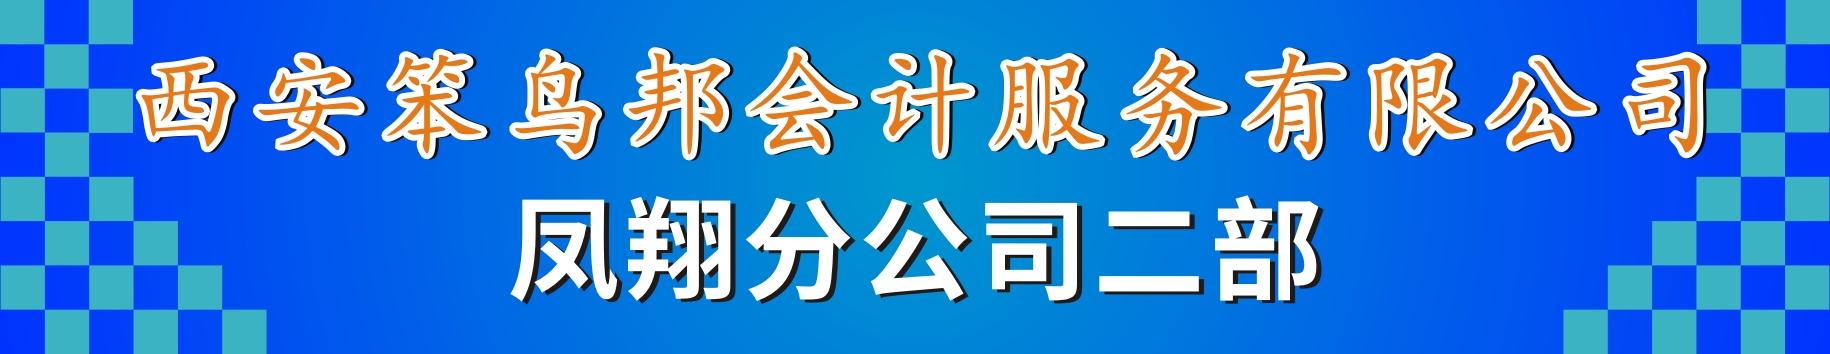 笨鸟邦会计服务有限公司凤翔二部分公司